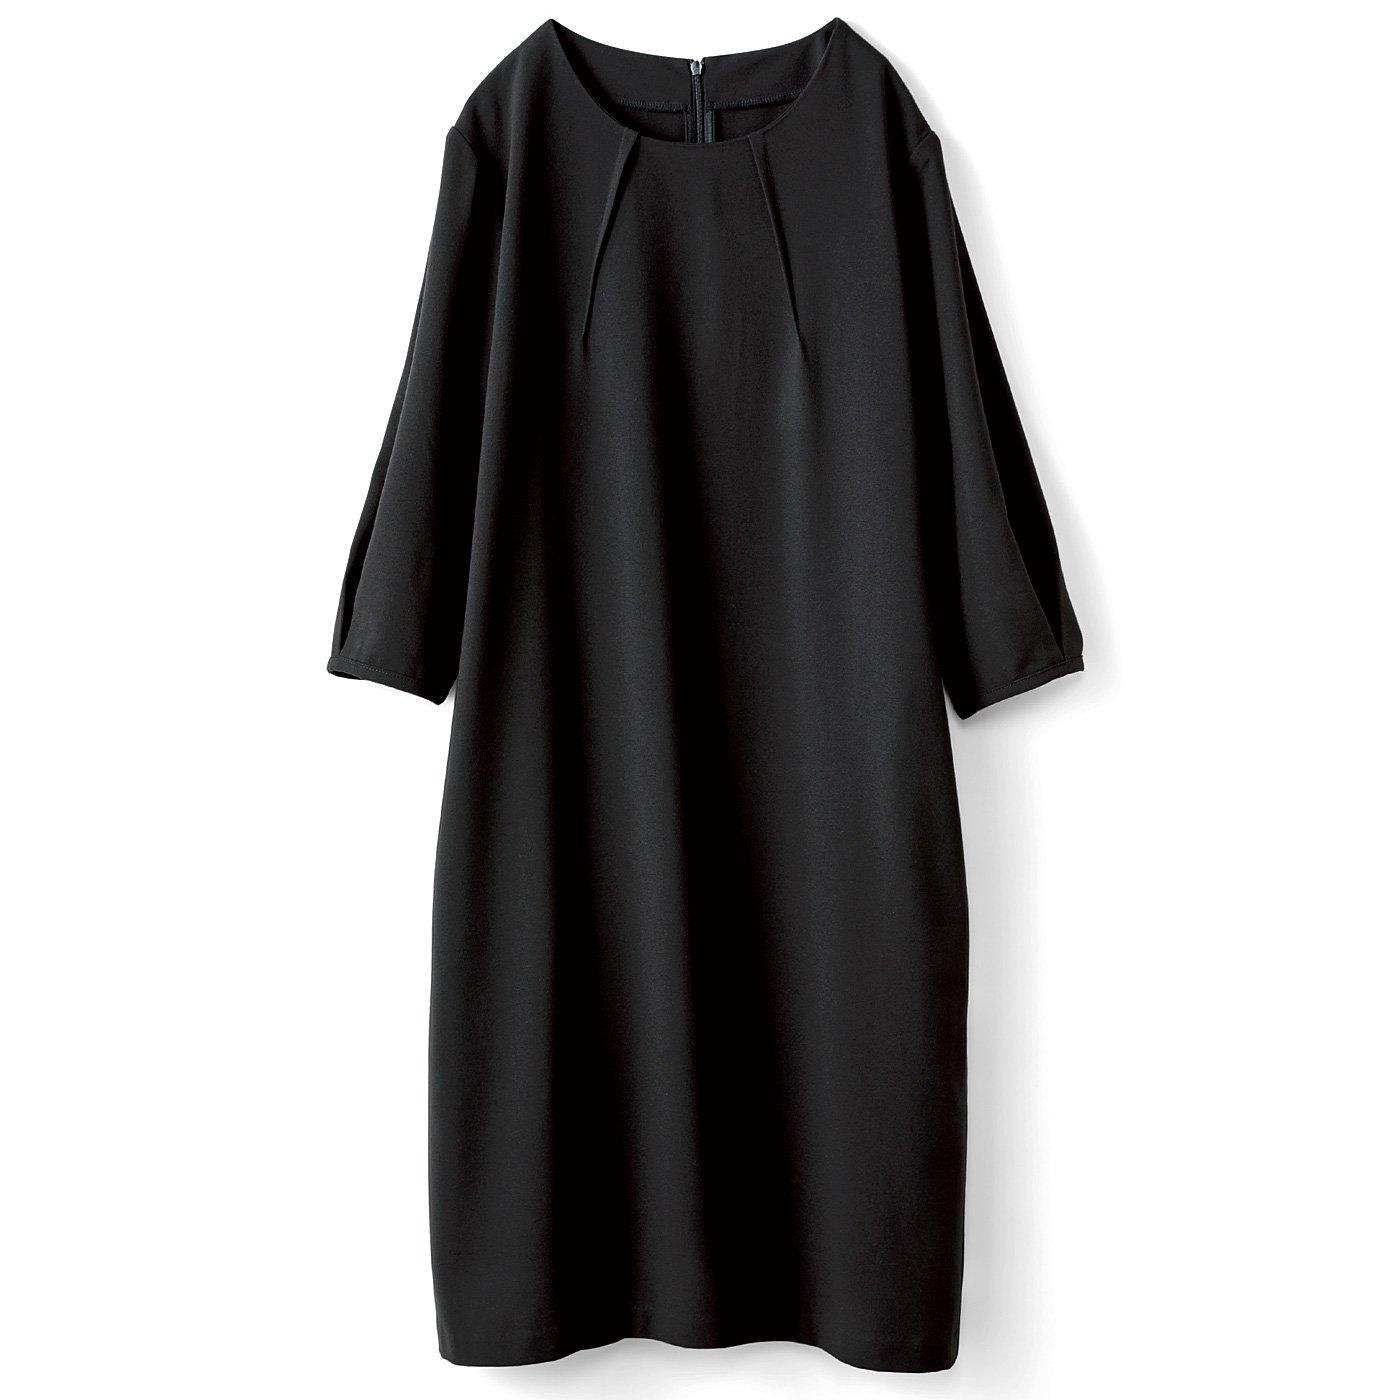 HIROMI YOSHIDA. 袖がふんわりブラックワンピース